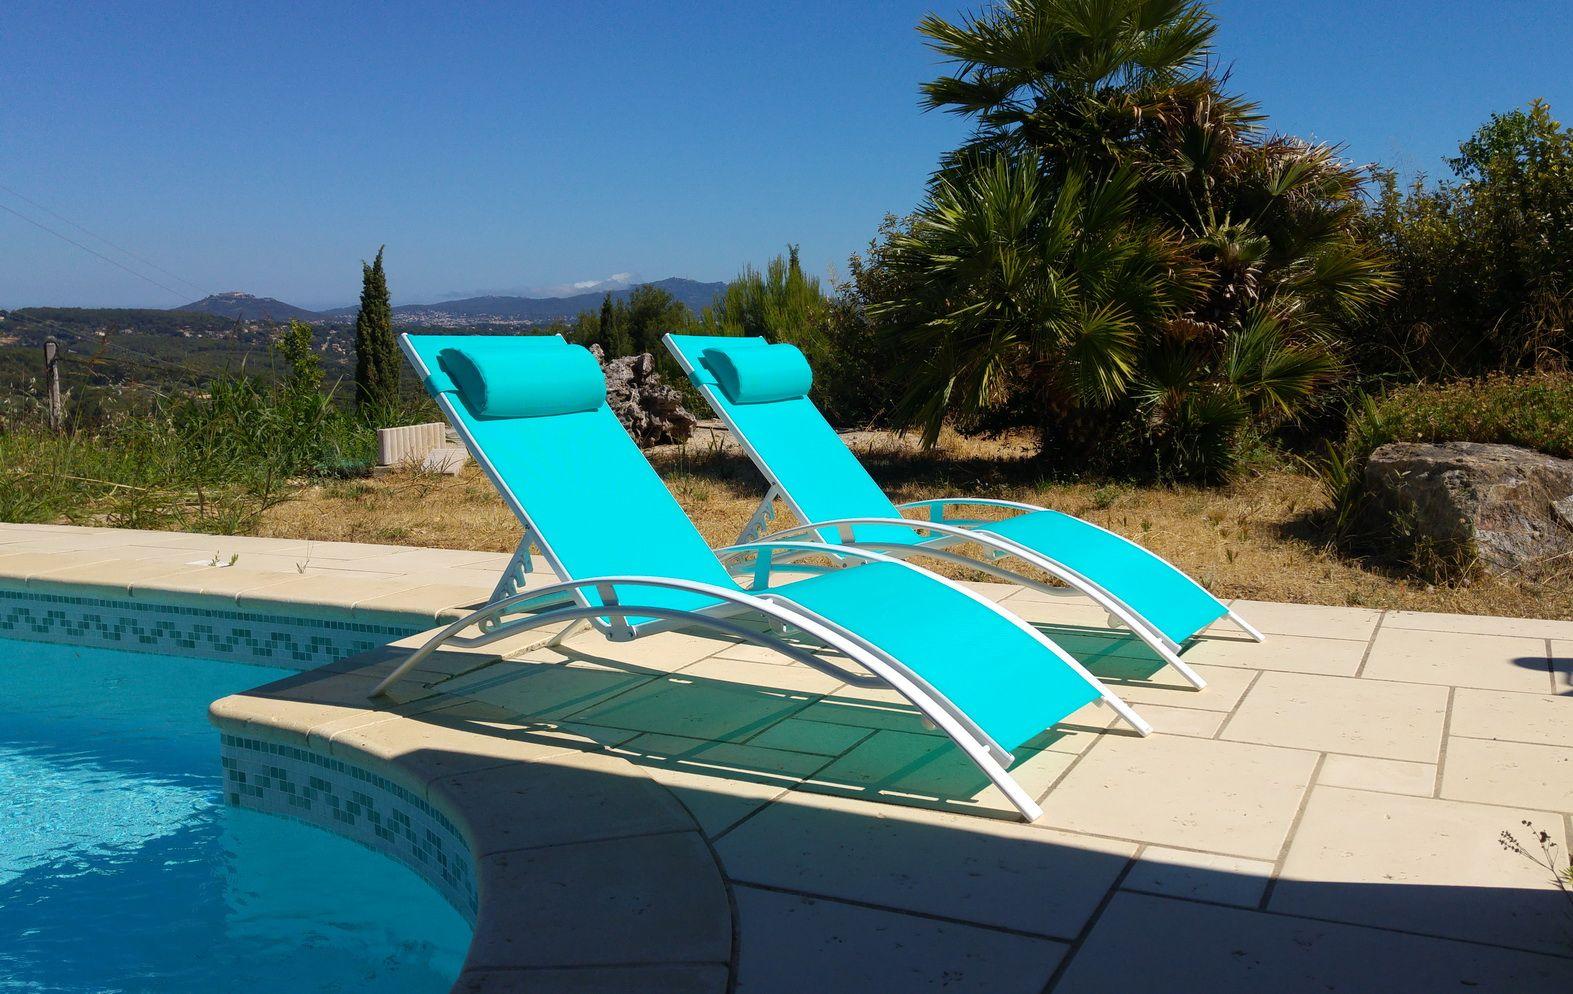 louisa x2 duo de bains de soleil en aluminium et textil ne alice 39 s garden ensemble complet. Black Bedroom Furniture Sets. Home Design Ideas